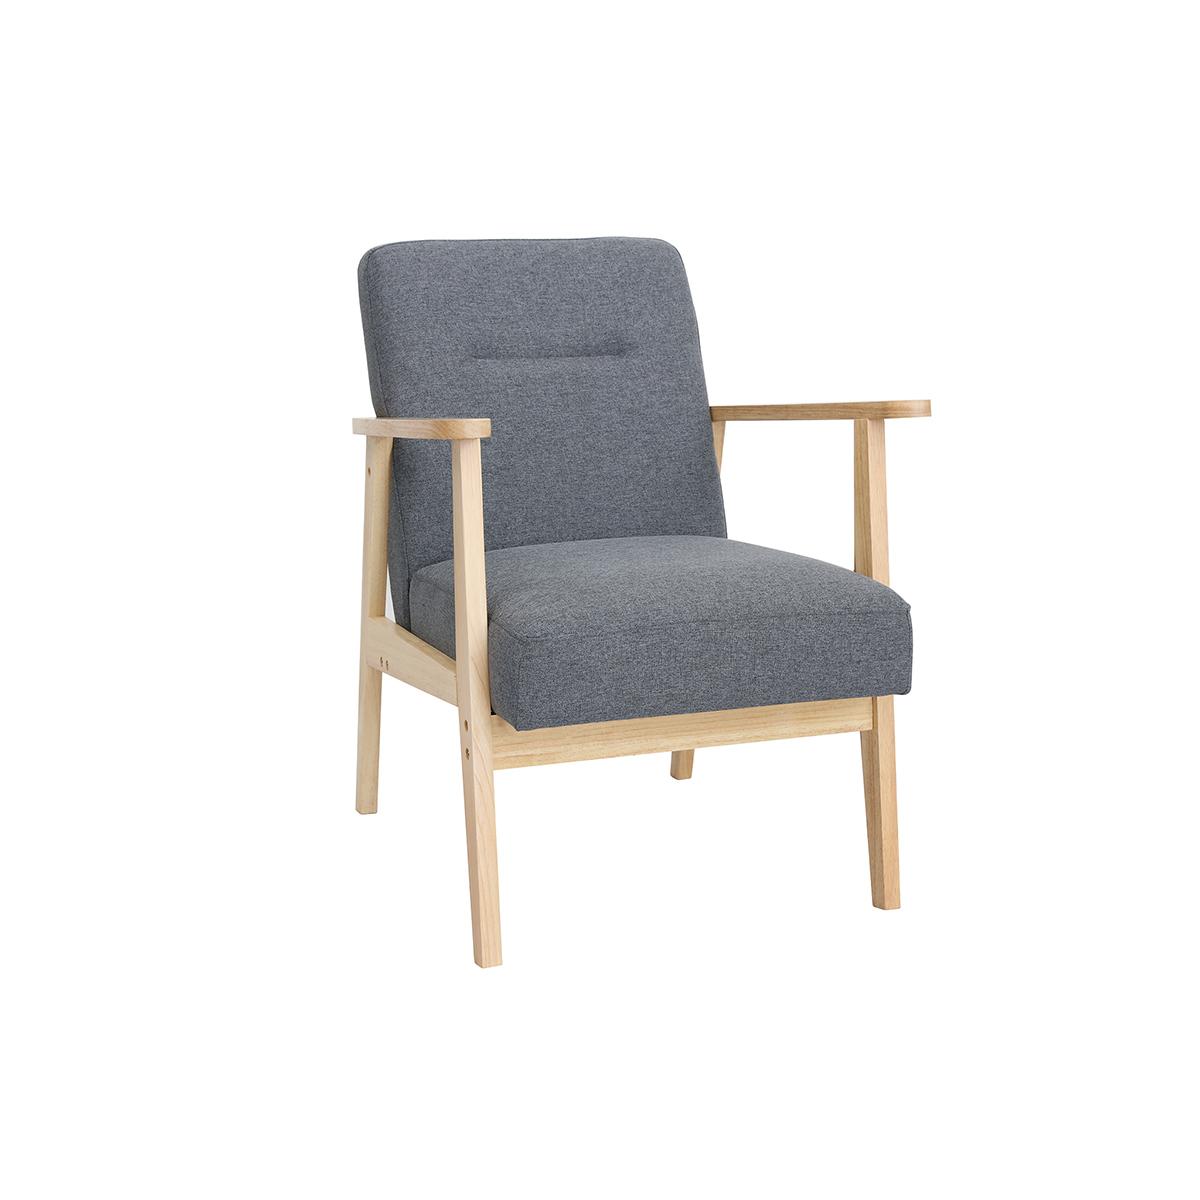 Poltrona scandinava grigia e legno chiaro ABYSS